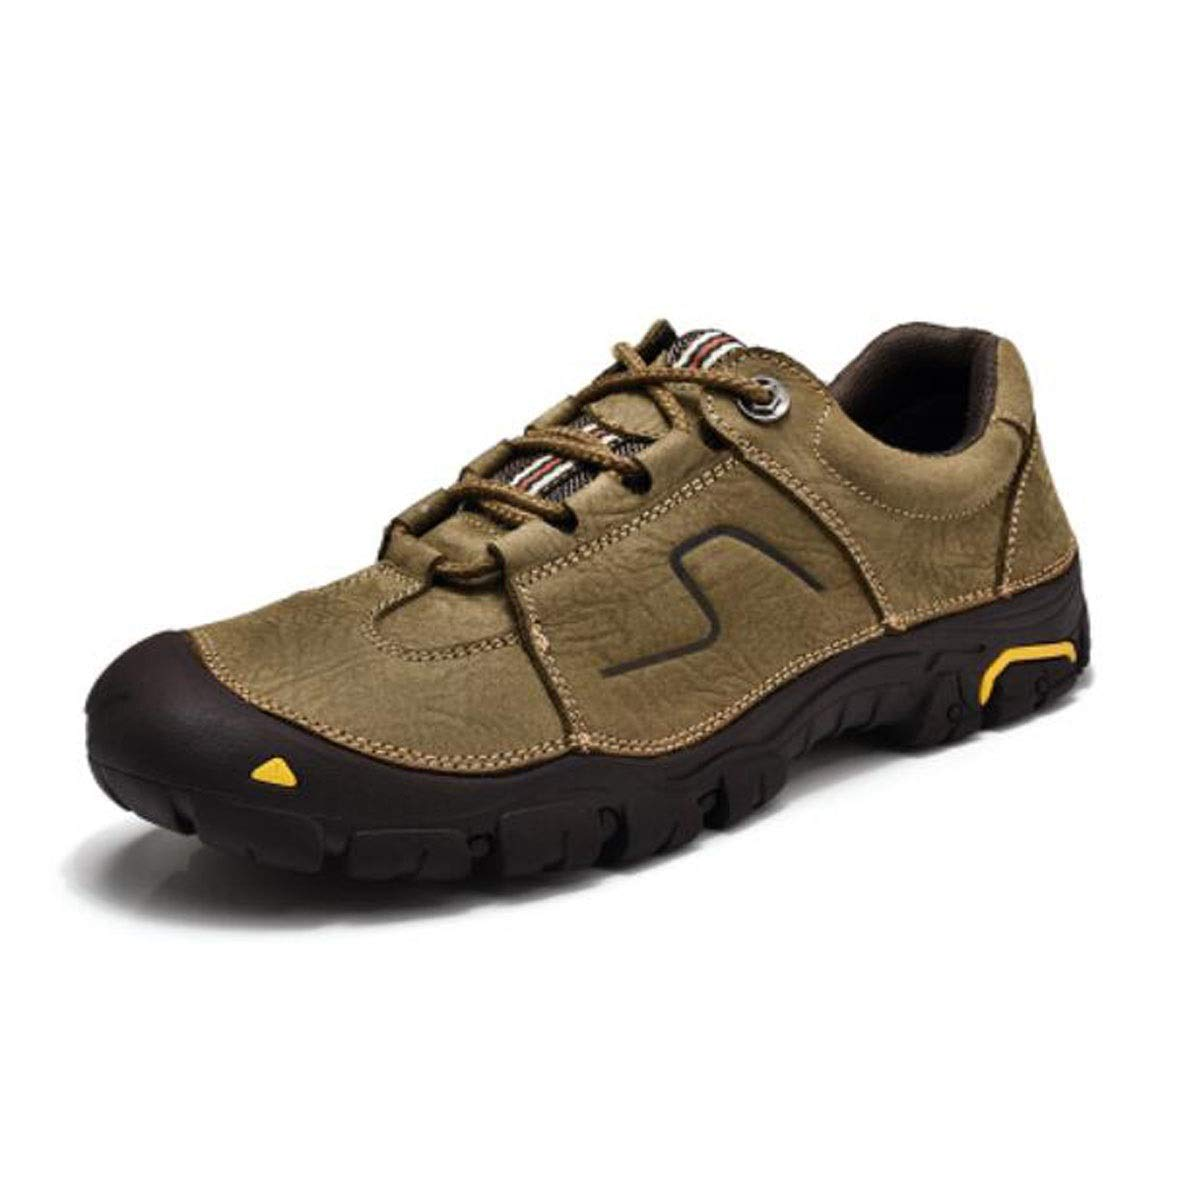 Kaki Jiansheng Chaussures en Cuir, Chaussures de Sport pour Hommes, Chaussures de Travail, Sports de Plein air, Chaussures de randonnée Anti-Collision, Noir, Kaki (37-45) 39 EU